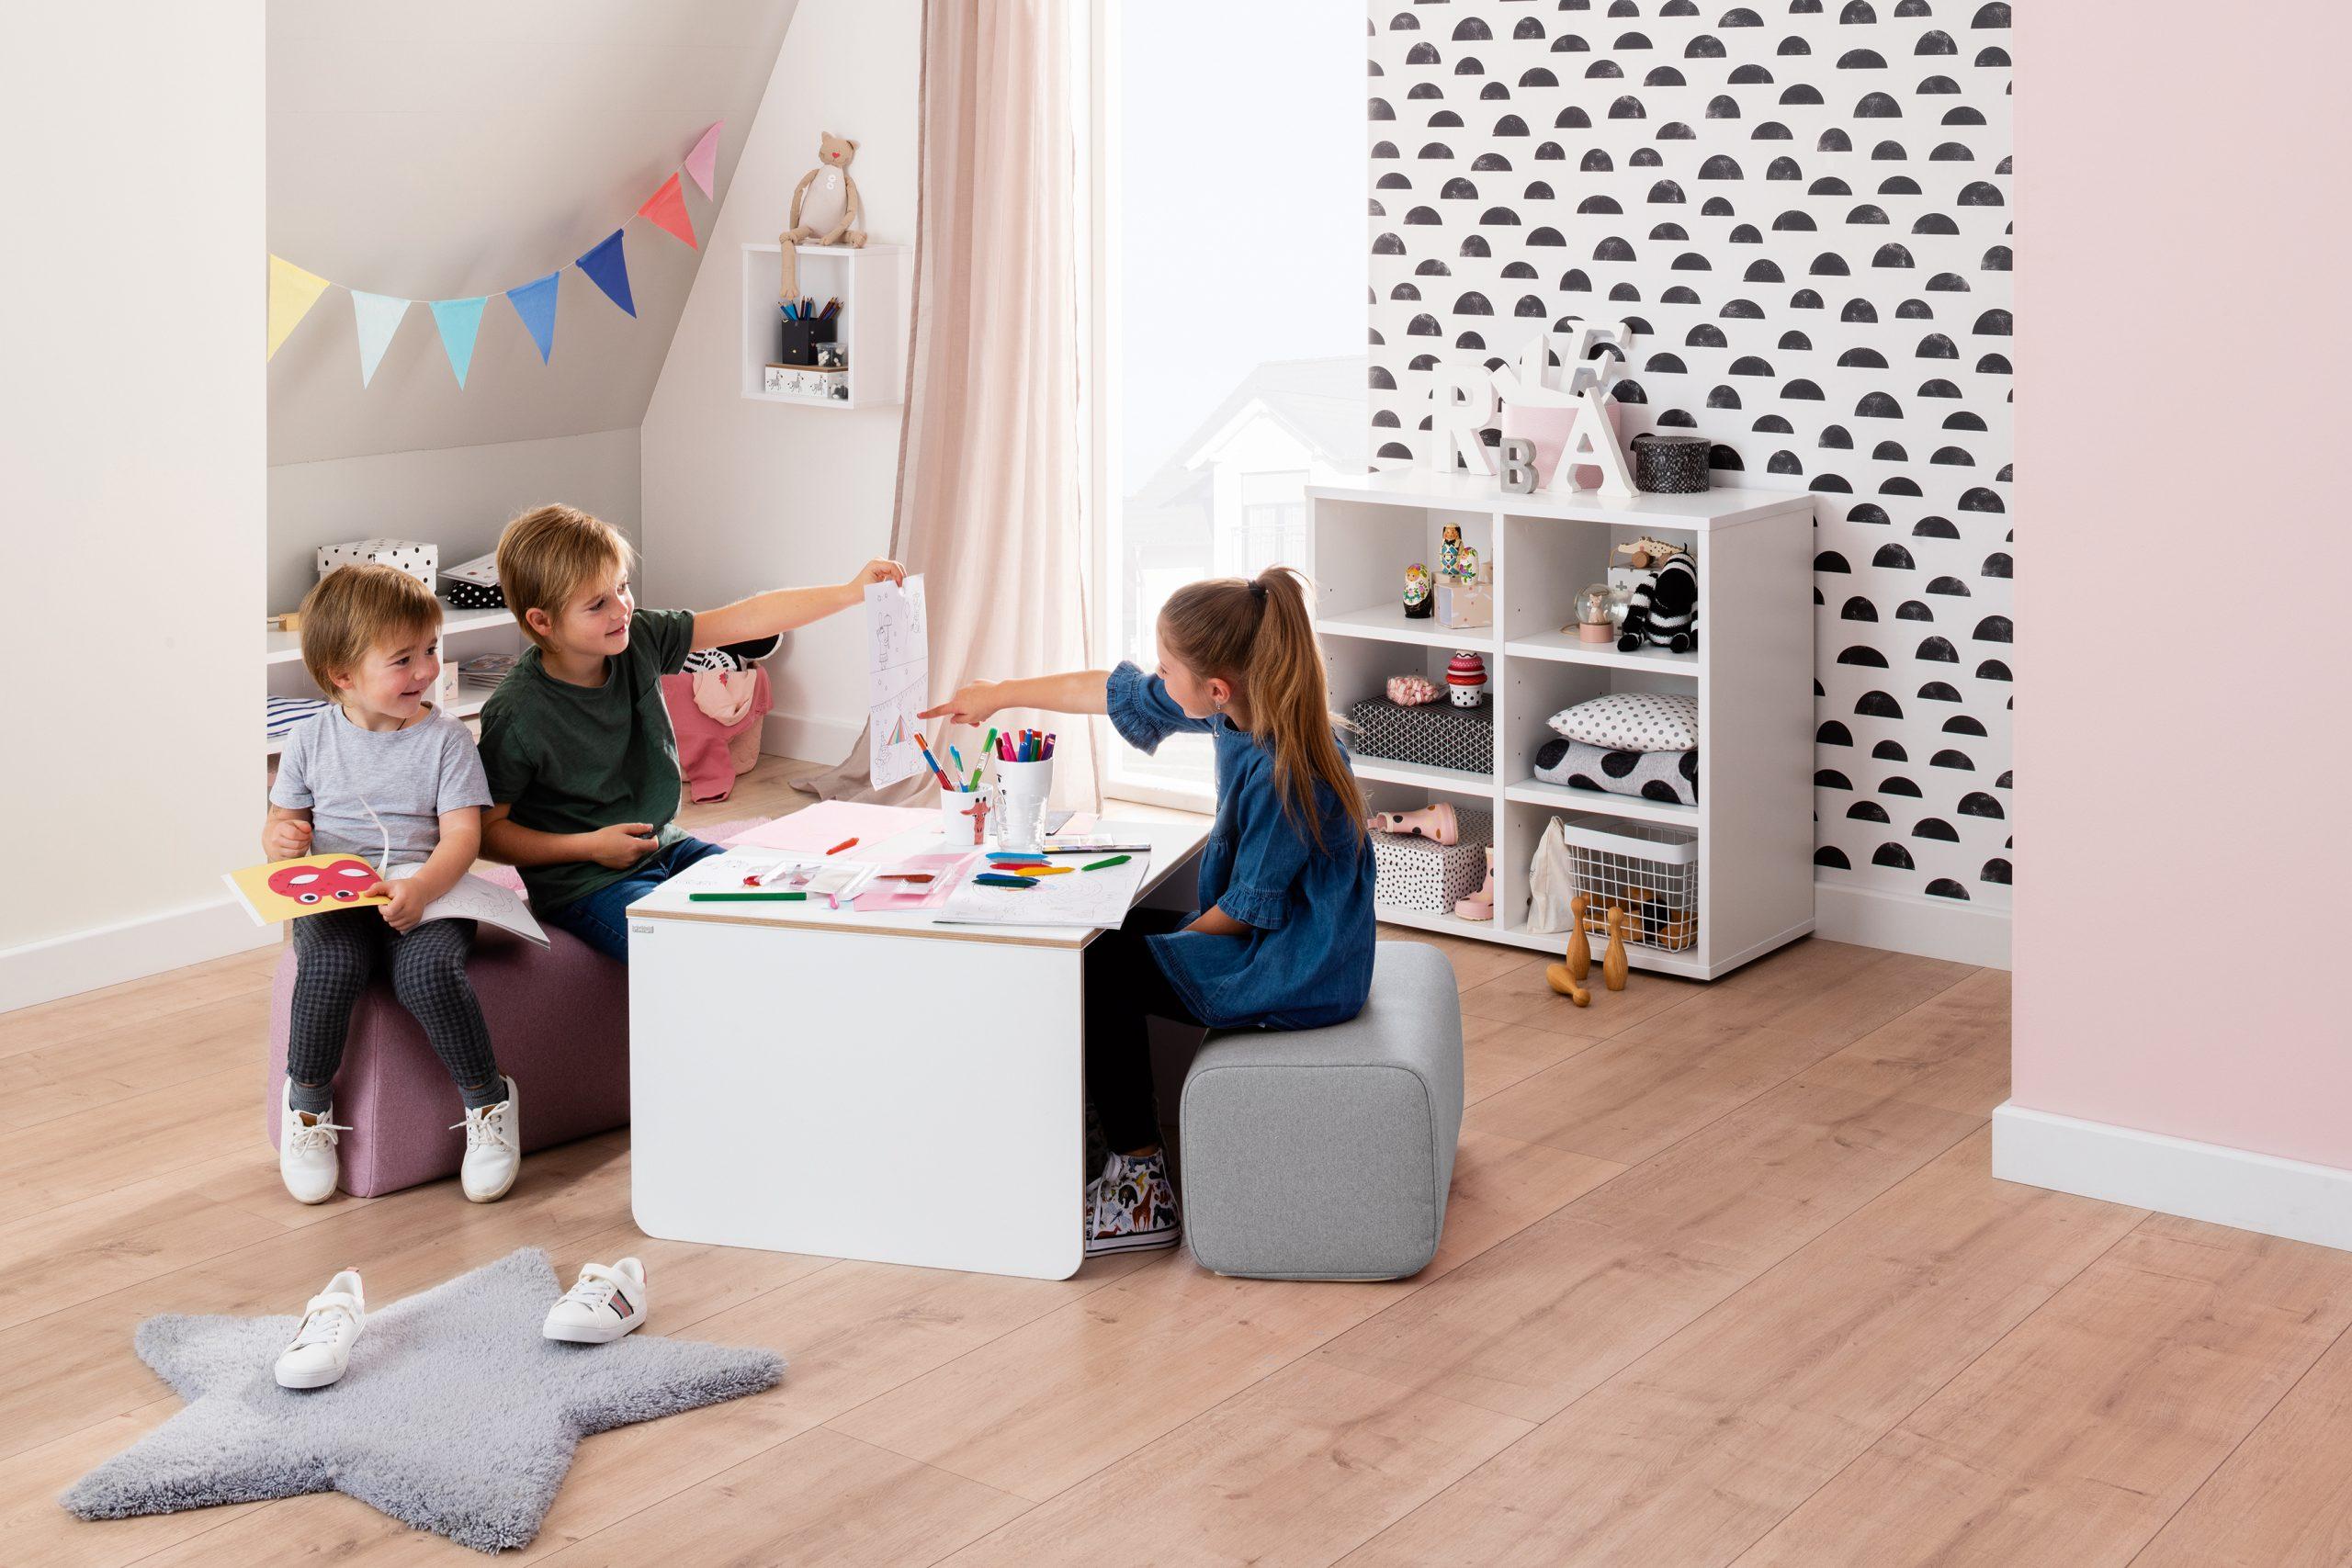 Muebles que fomentan la independencia de los niños